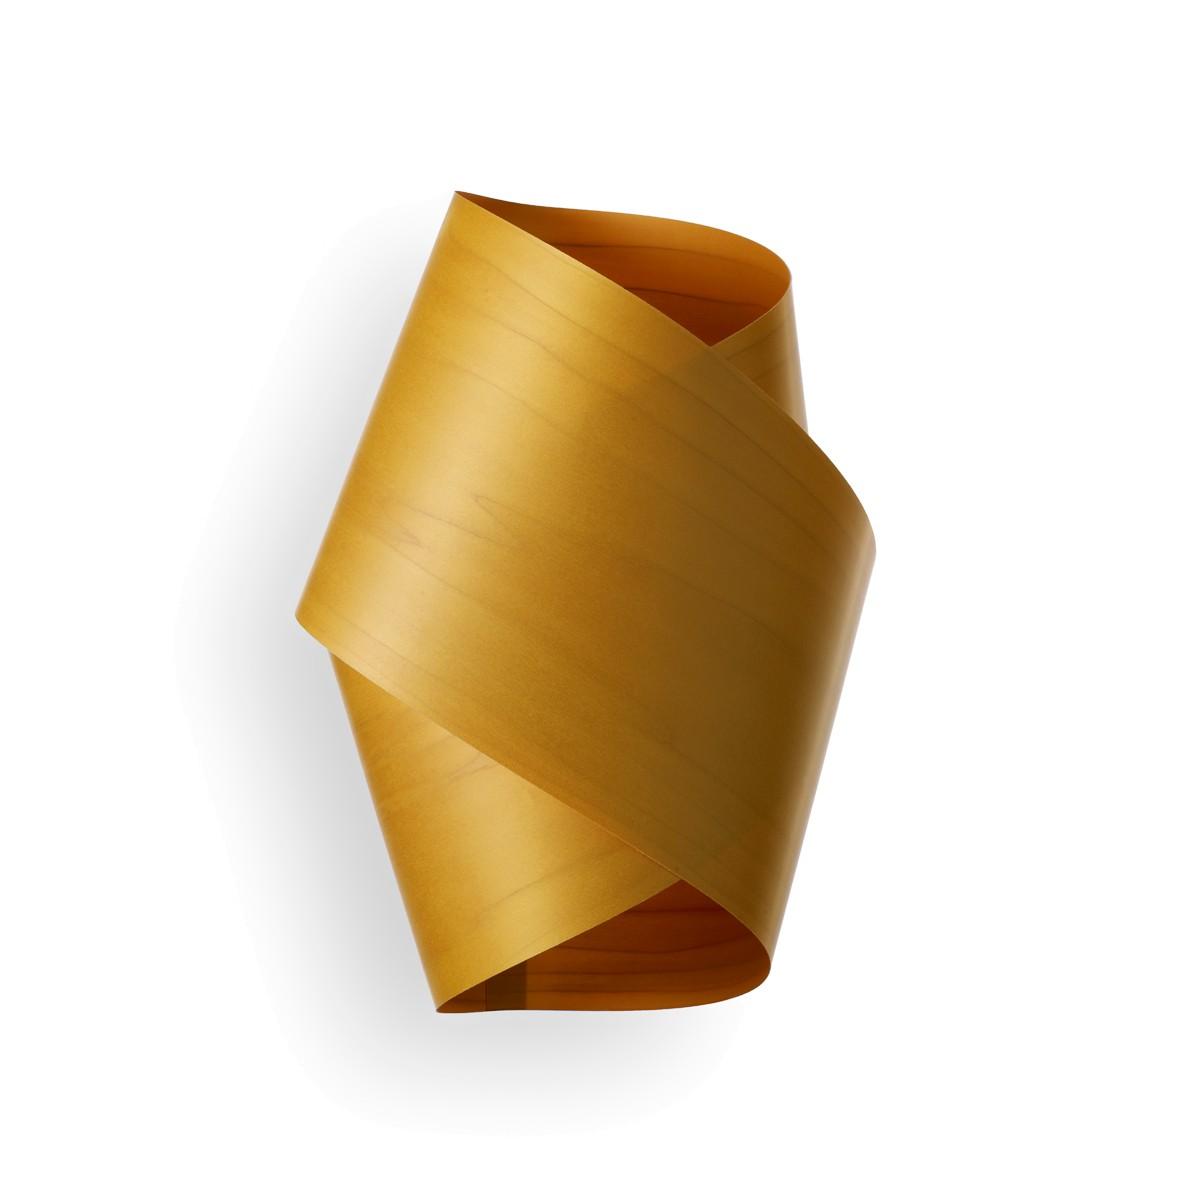 LZF Lamps Orbit Wandleuchte, gelb